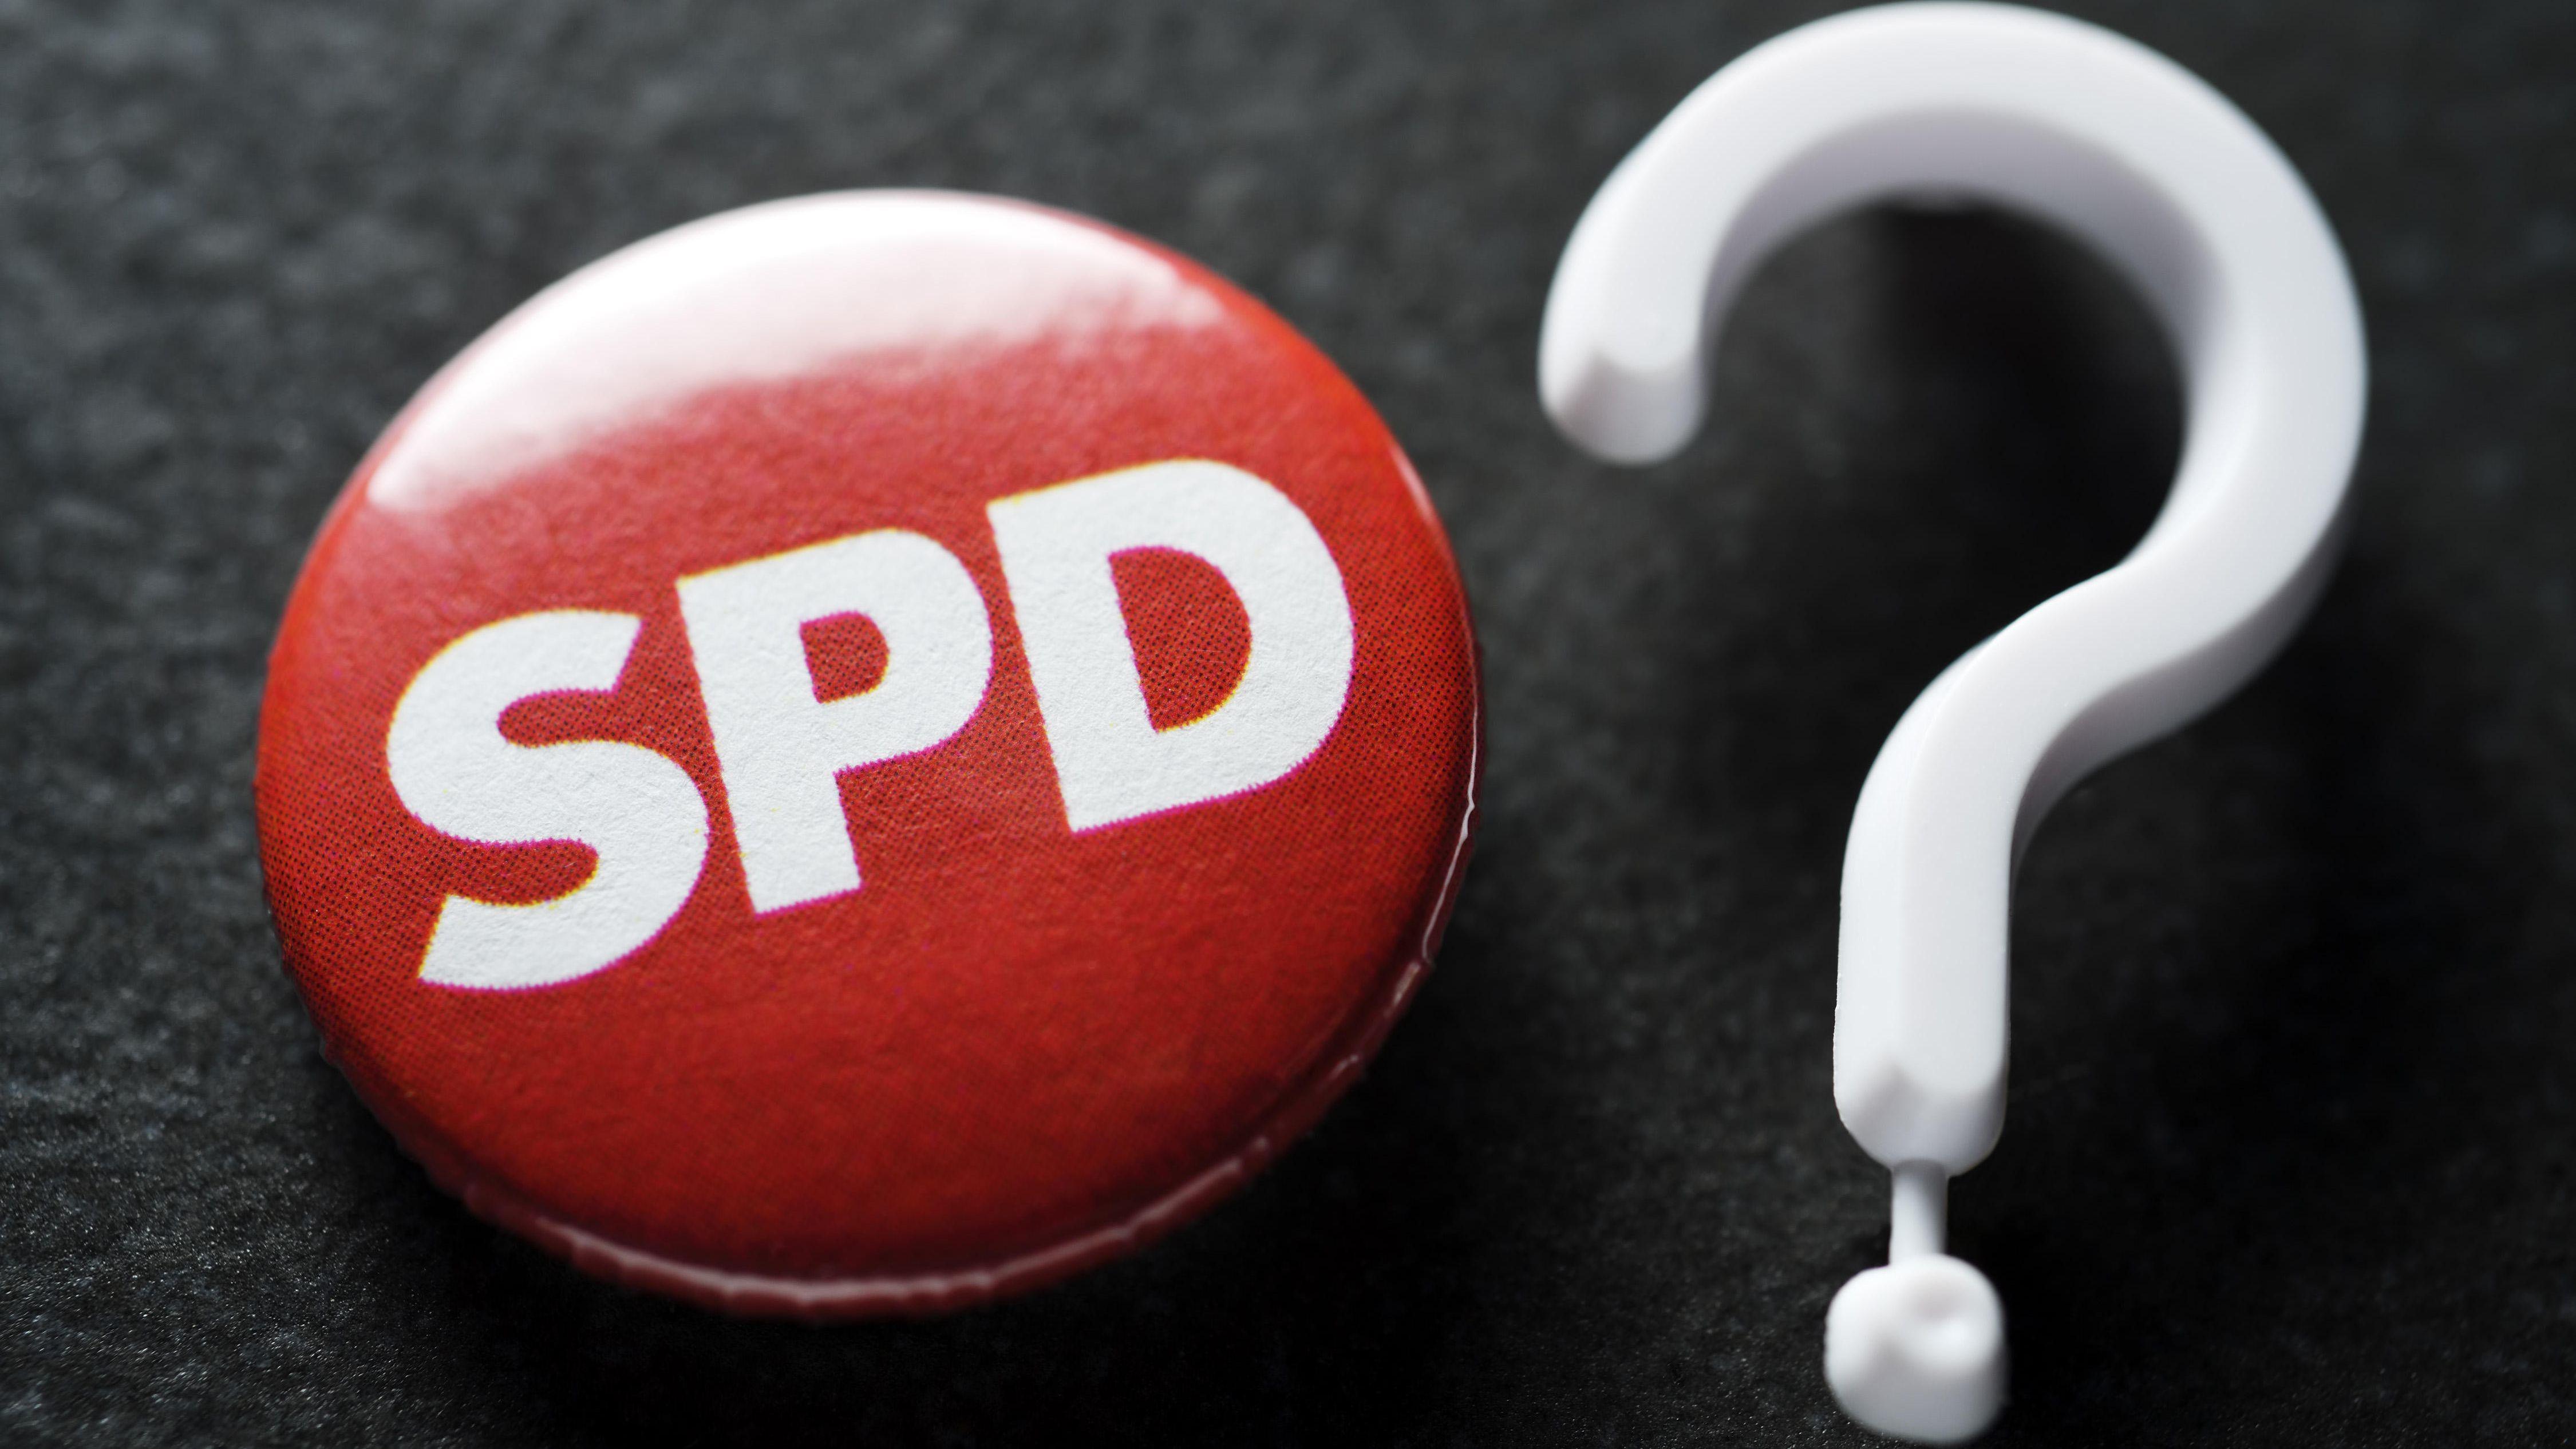 SPD-Sticker mit Fragezeichen